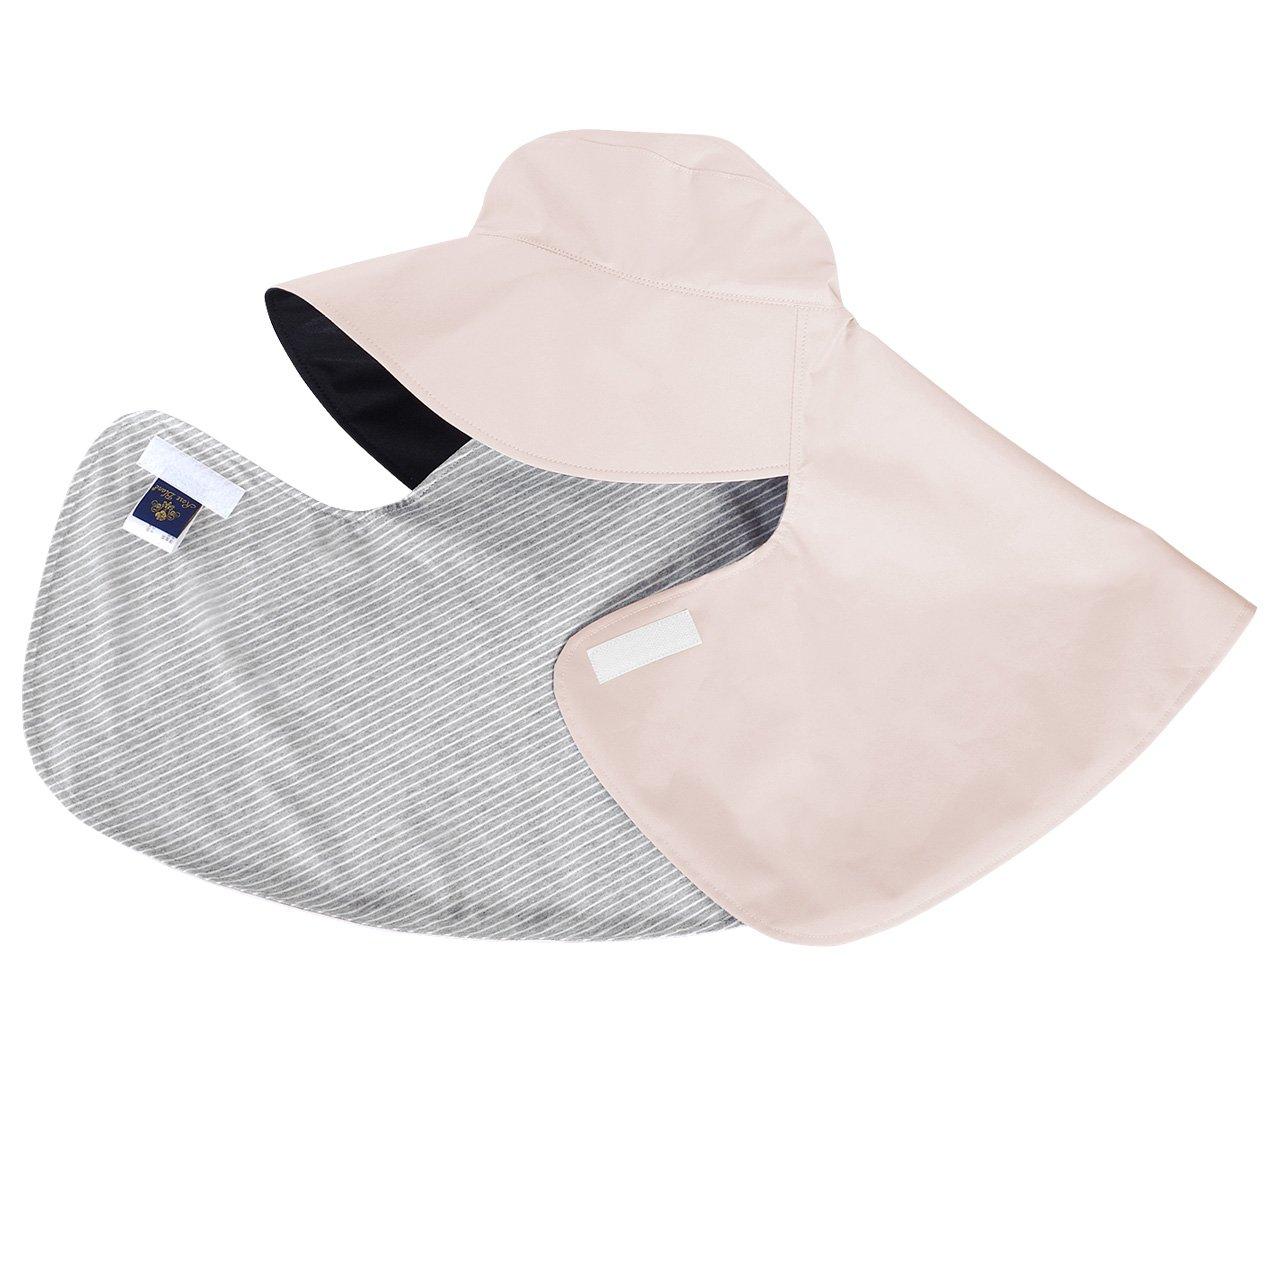 Rose Blanc(ロサブラン) 100%完全遮光 帽子 フルハット B01EUORURM PINK(ピンク) PINK(ピンク)